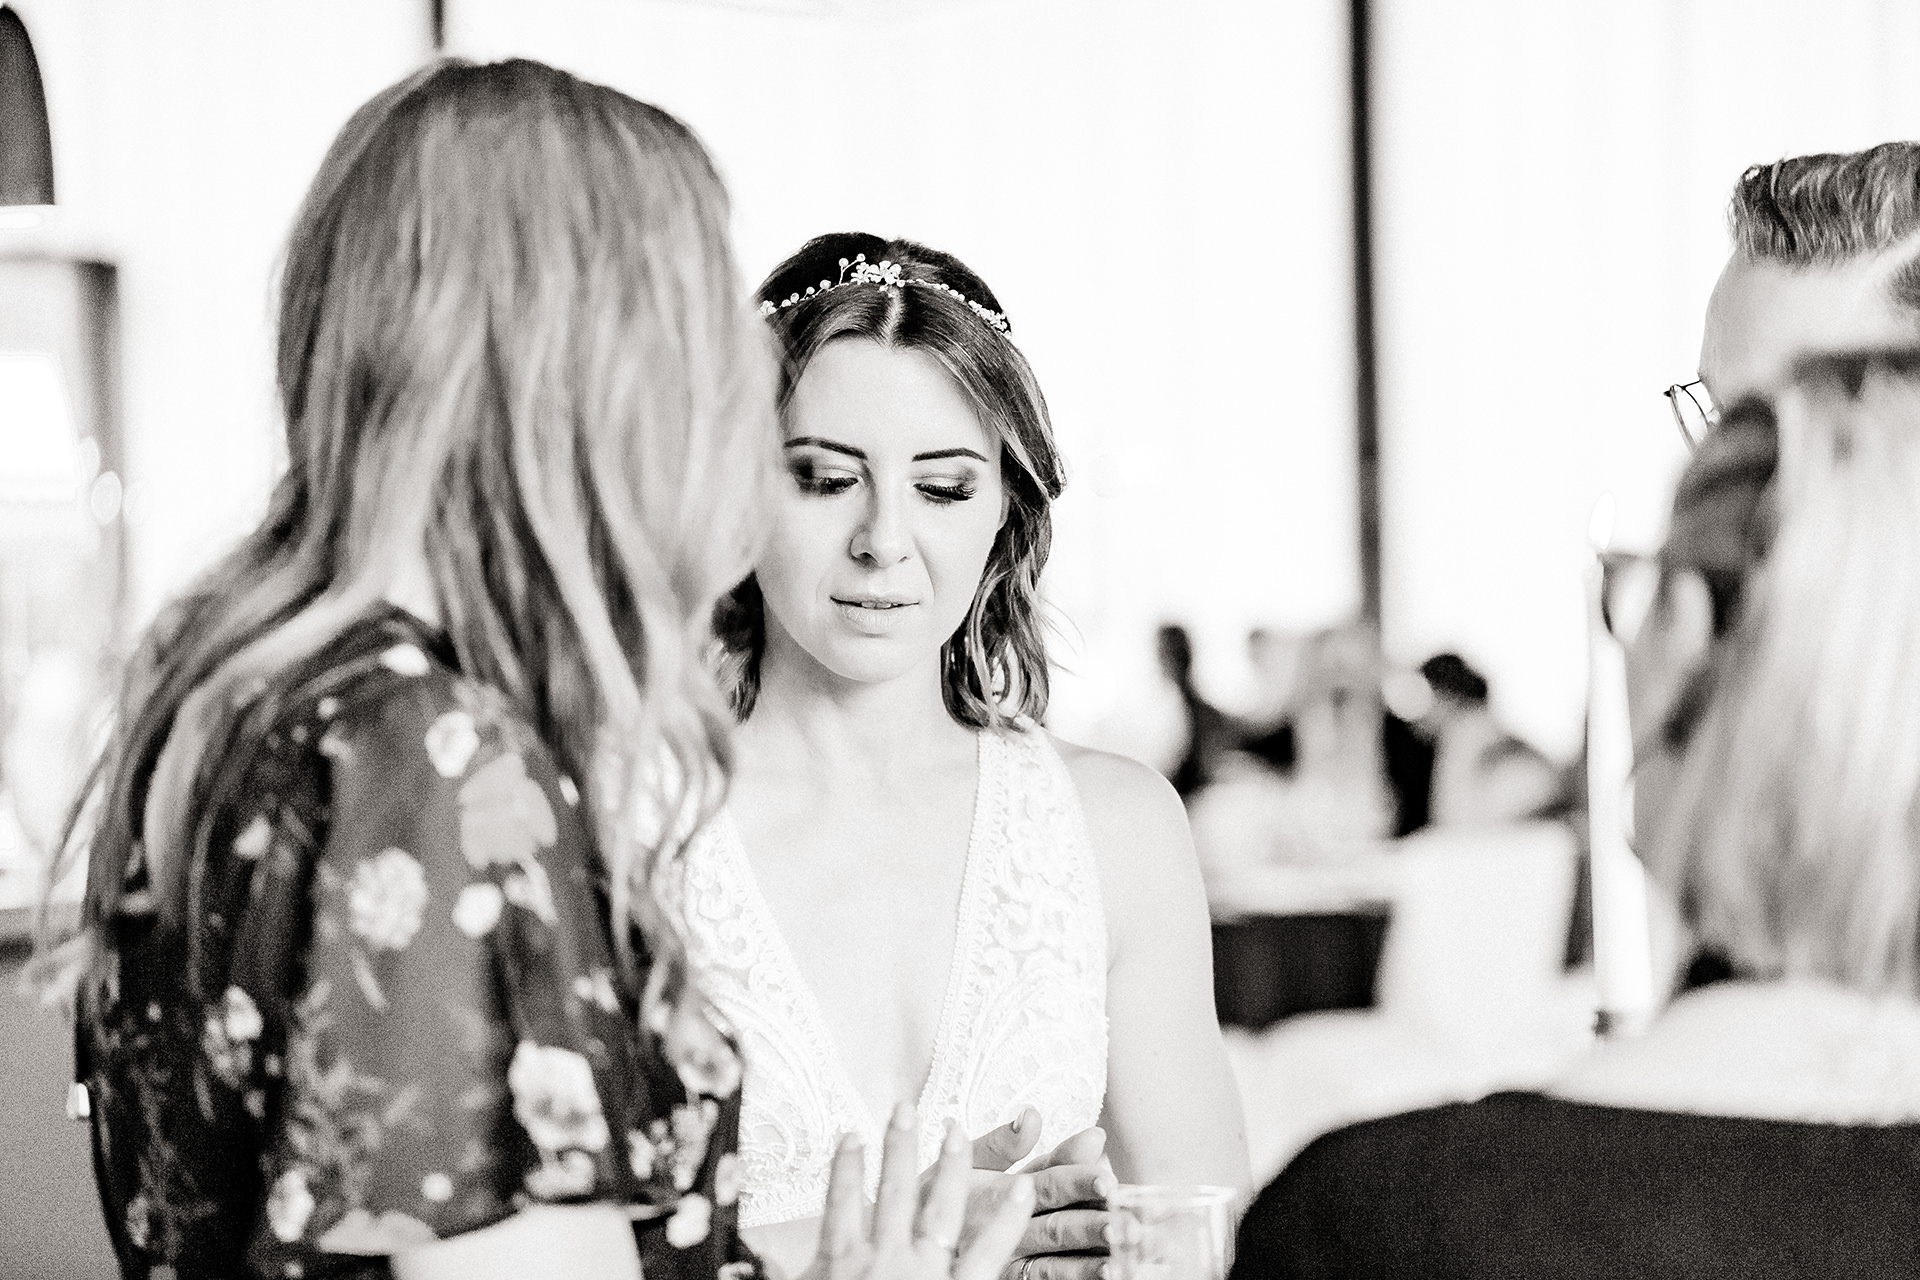 Heute geht es um einen äußerst wichtigen Teil unserer Hochzeit, ohne den wohl alles nicht so reibungslos funktioniert hätte. Die Rede ist von unsererHochzeitsplanerin, deren wunderbare Arbeit ich dir heute vorstellen möchte. www.whoismocca.com #hochzeitsplanerin #traumhochzeit #hochzeitsblog